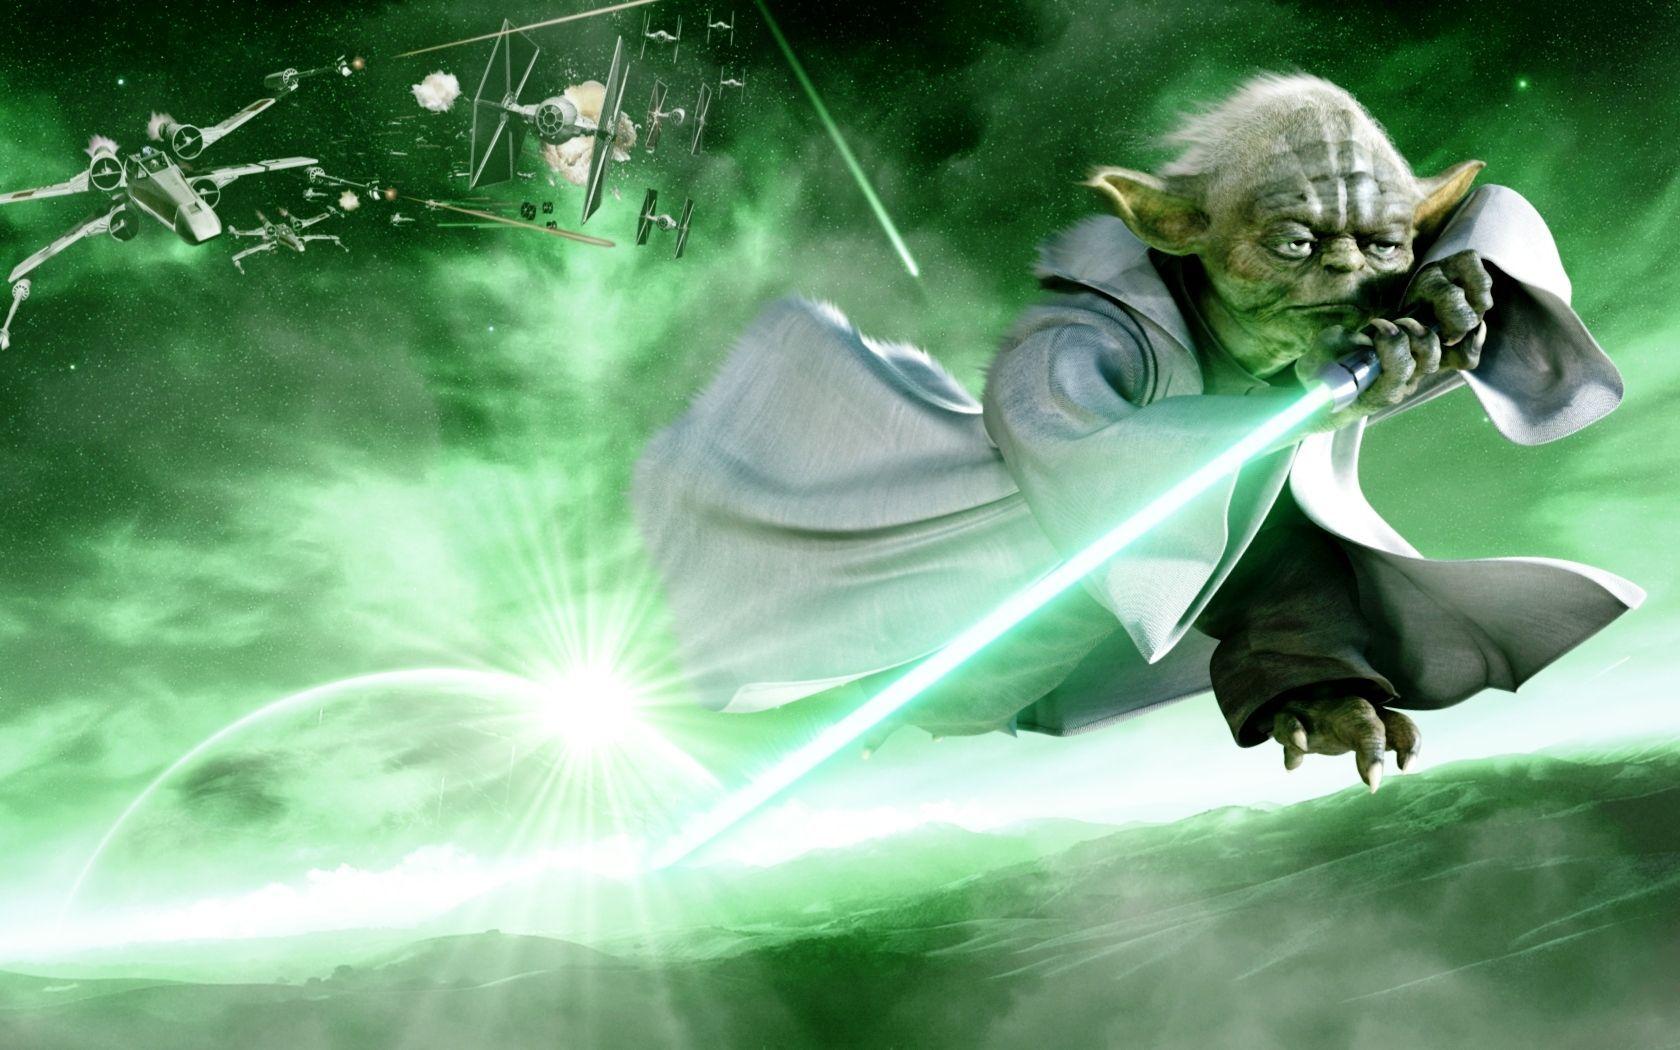 Wallpapers Yoda X Free Wars Star 1680x1050 1197031 Yoda Yoda Wallpaper Star Wars Wallpaper Yoda Pictures